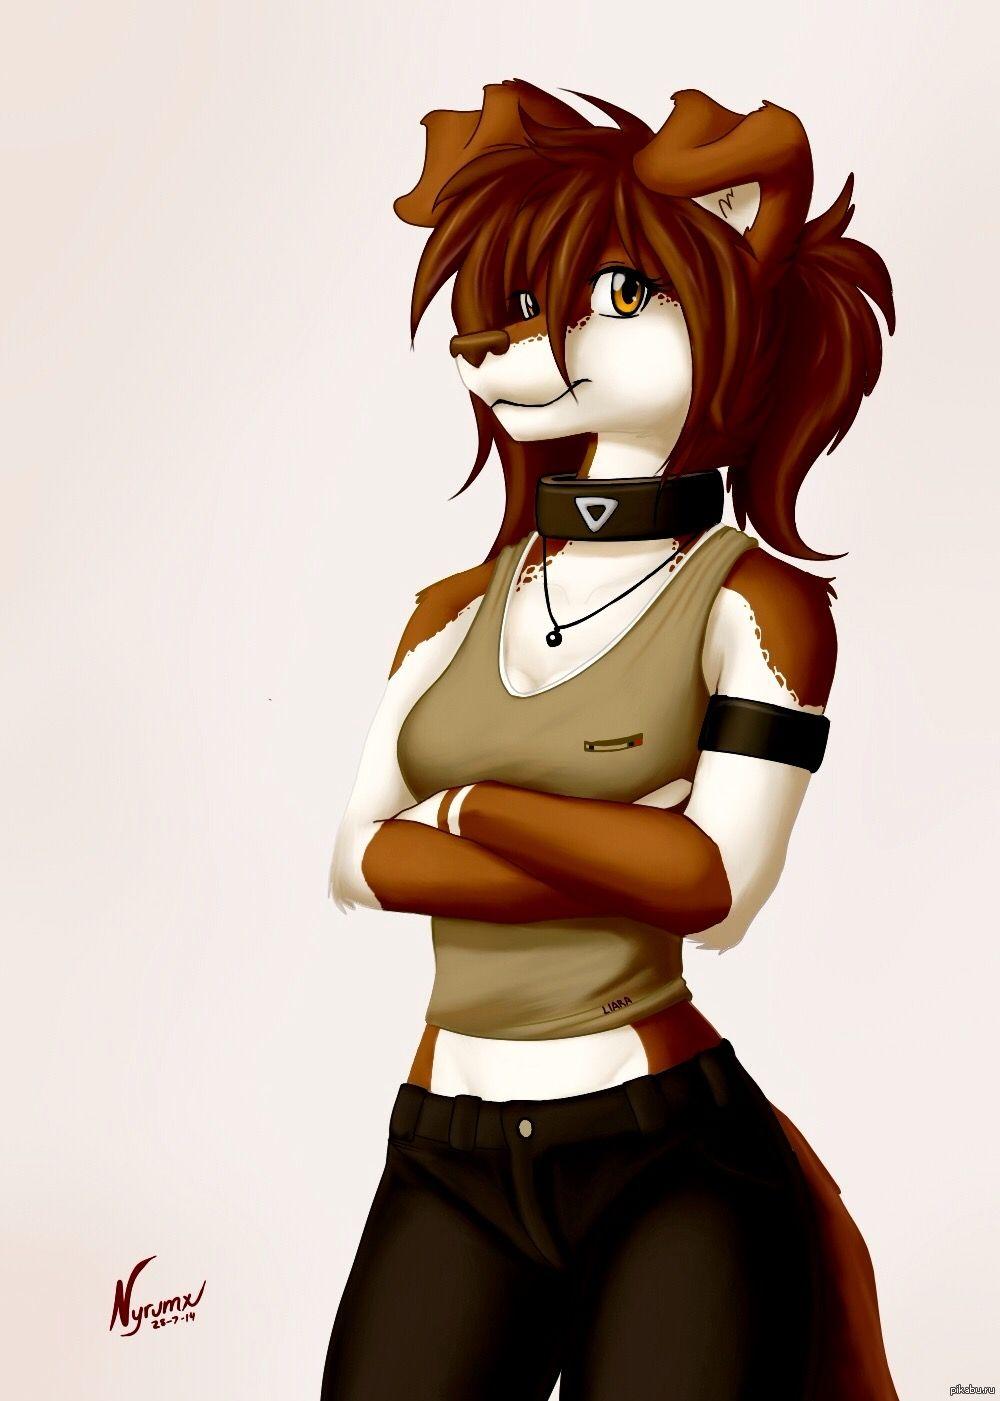 Furry fox yaoi hot girls wallpaper